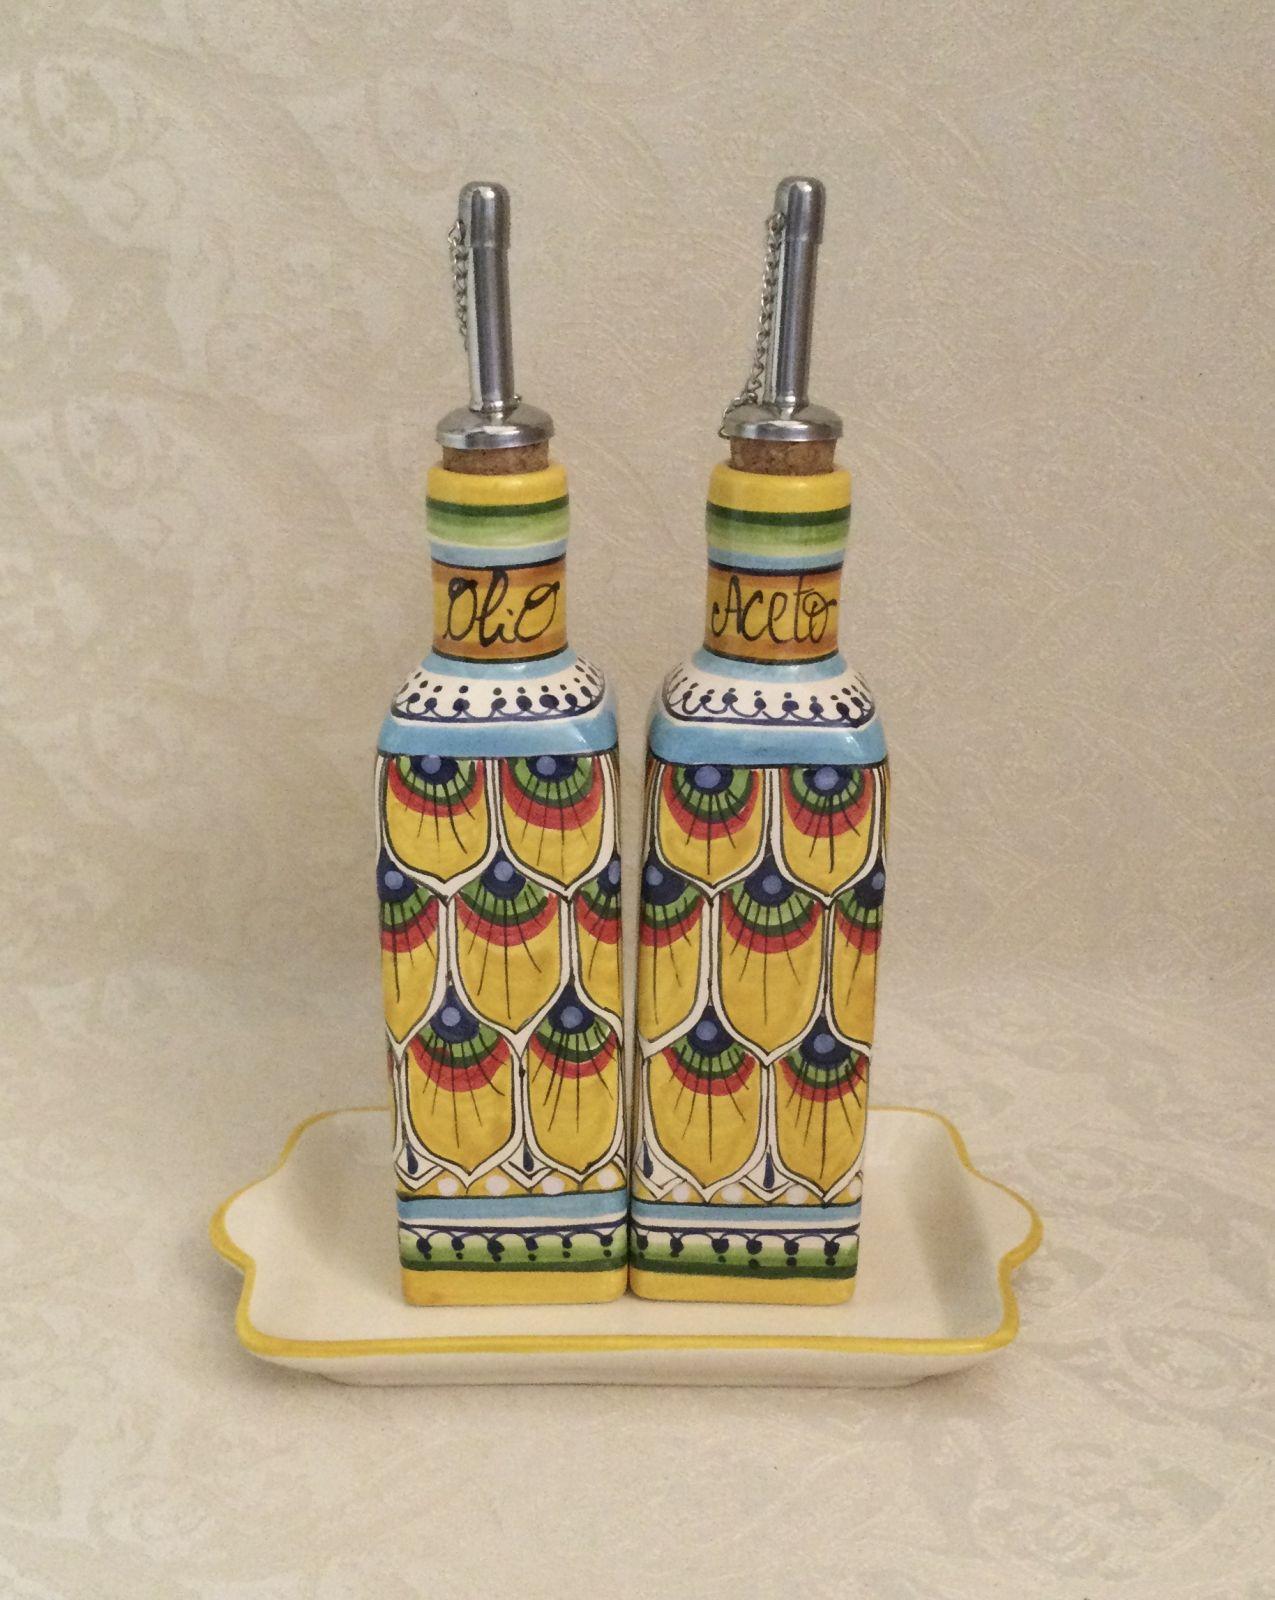 Set olio&aceto quadrato h18 penna di pavone gialla